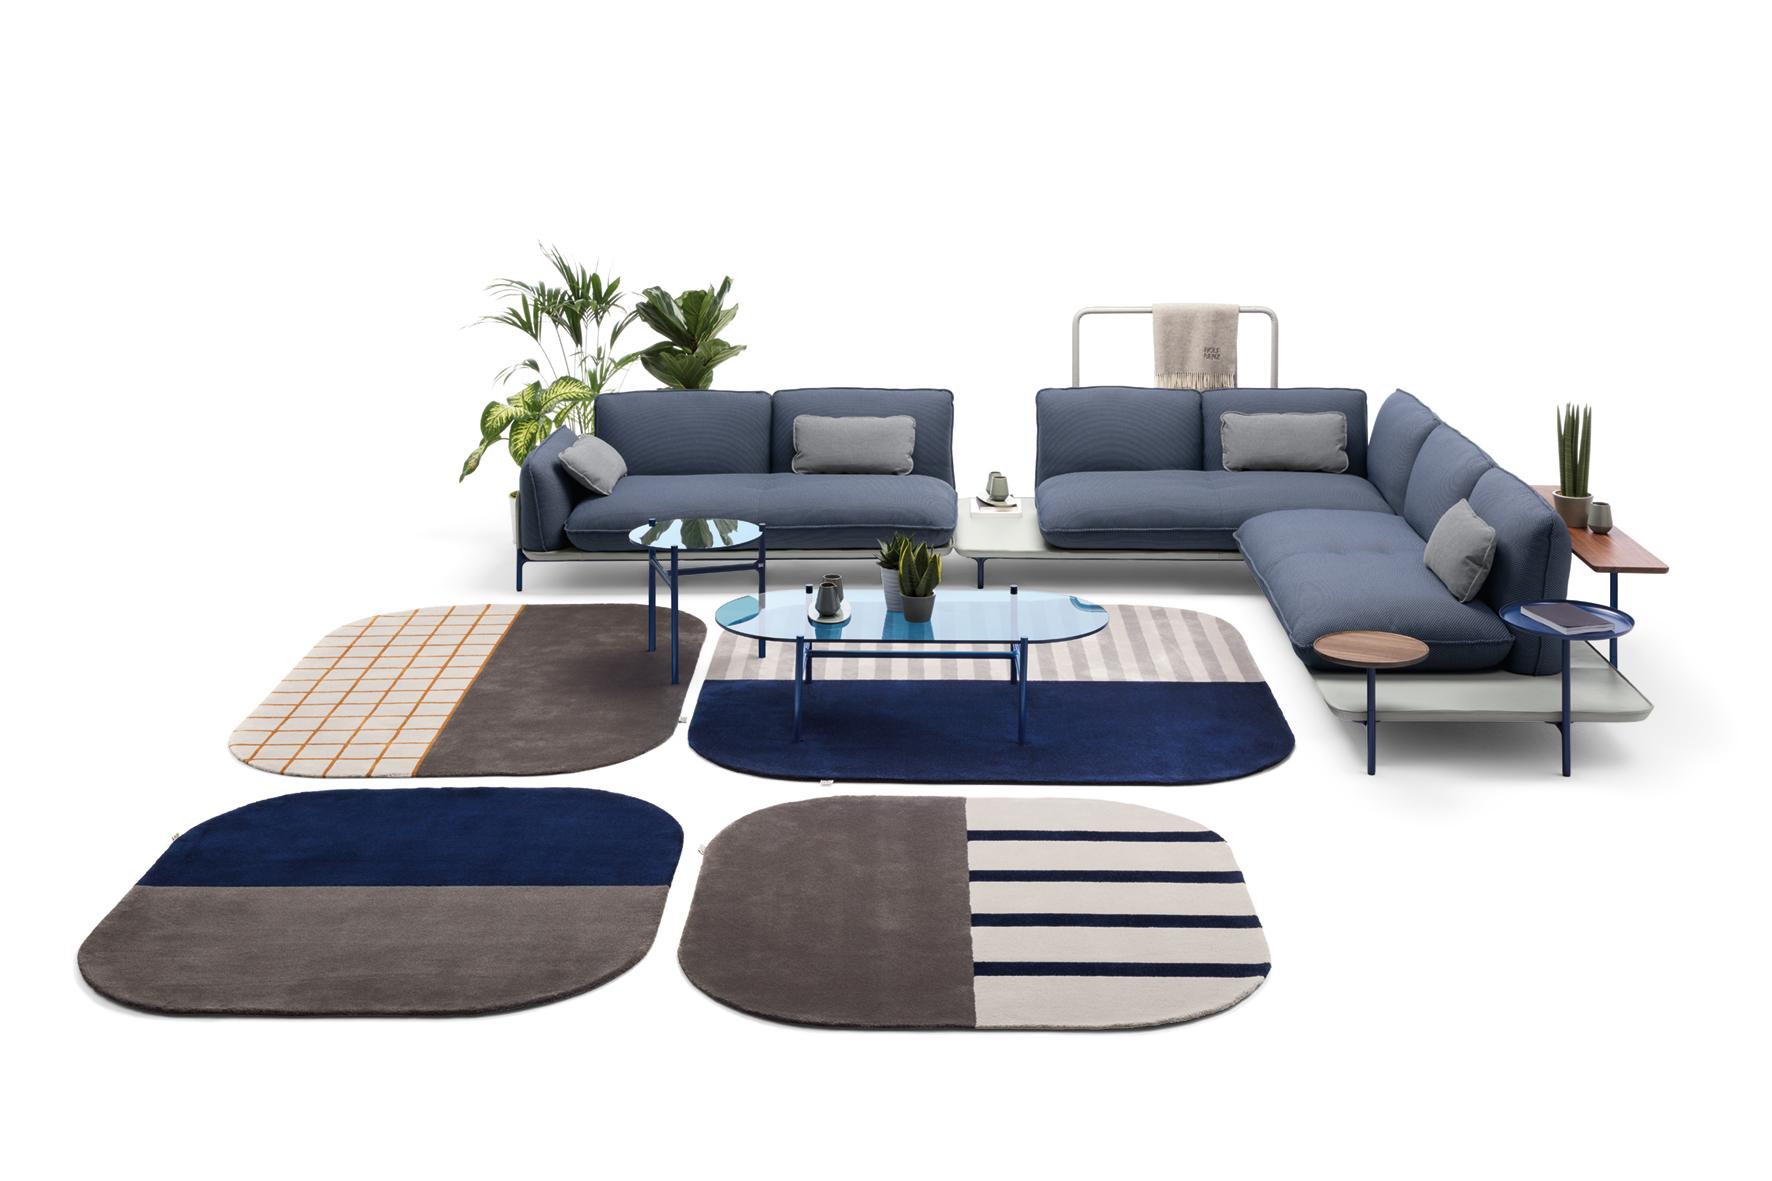 Werner Aisslinger über Sein Neues Sofa Rolf Benz Addit Stylepark